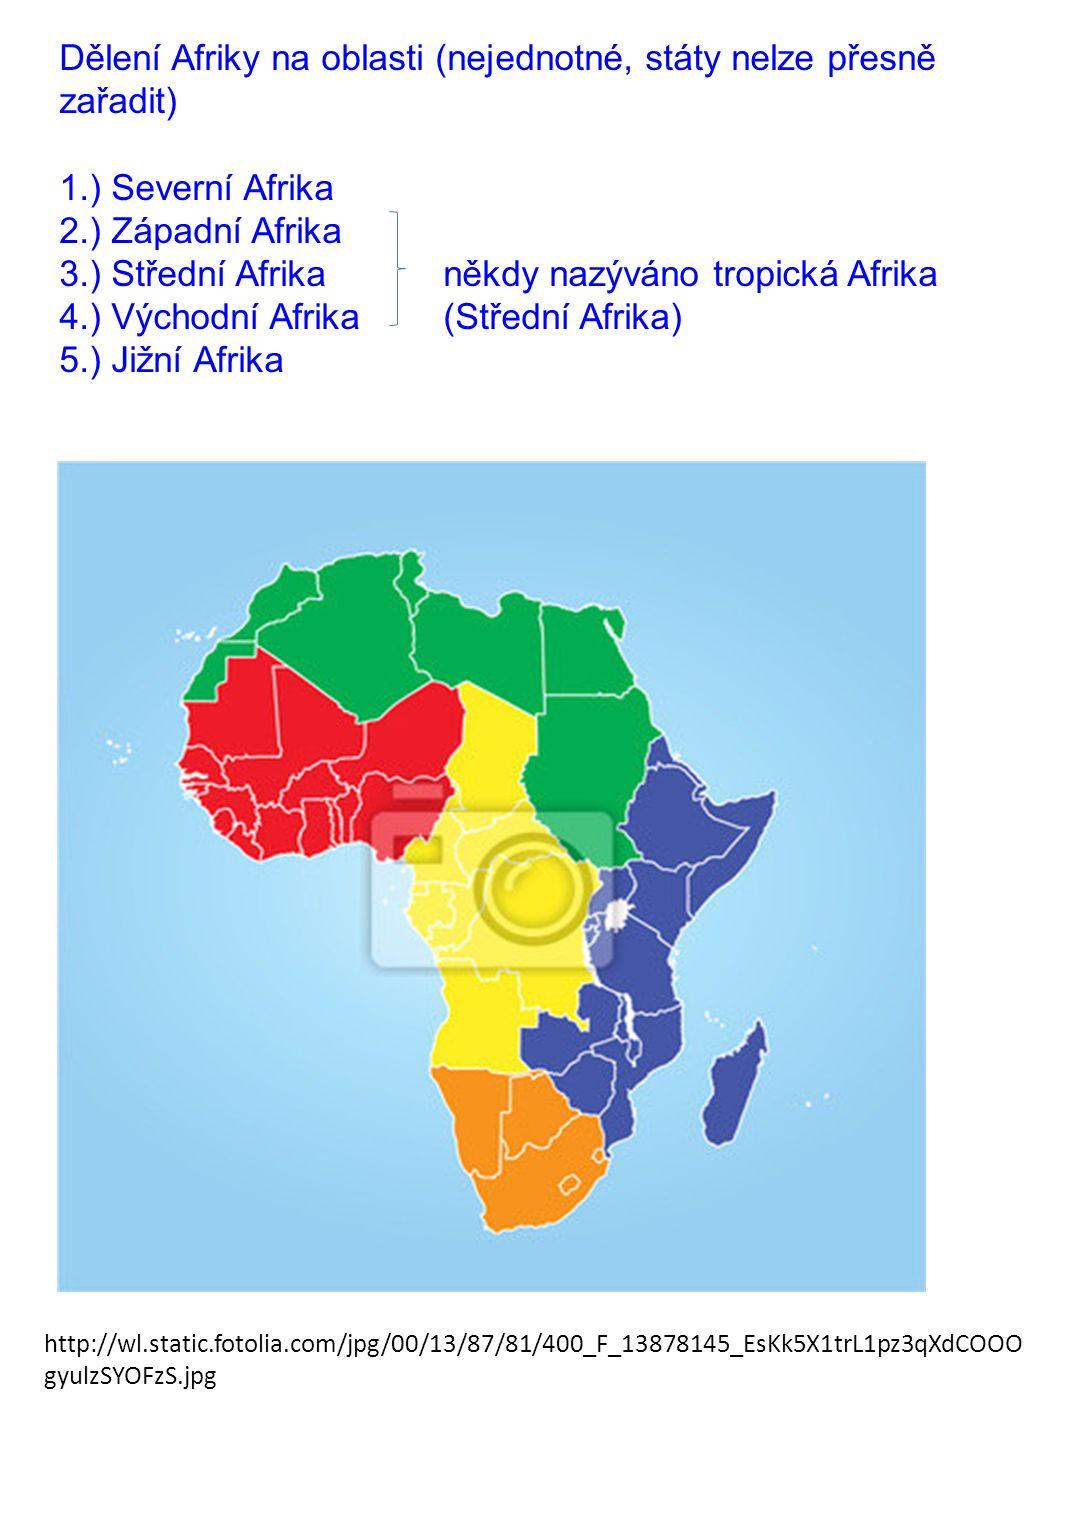 Dělení Afriky na oblasti (nejednotné, státy nelze přesně zařadit) 1.) Severní Afrika 2.) Západní Afrika 3.) Střední Afrikaněkdy nazýváno tropická Afri